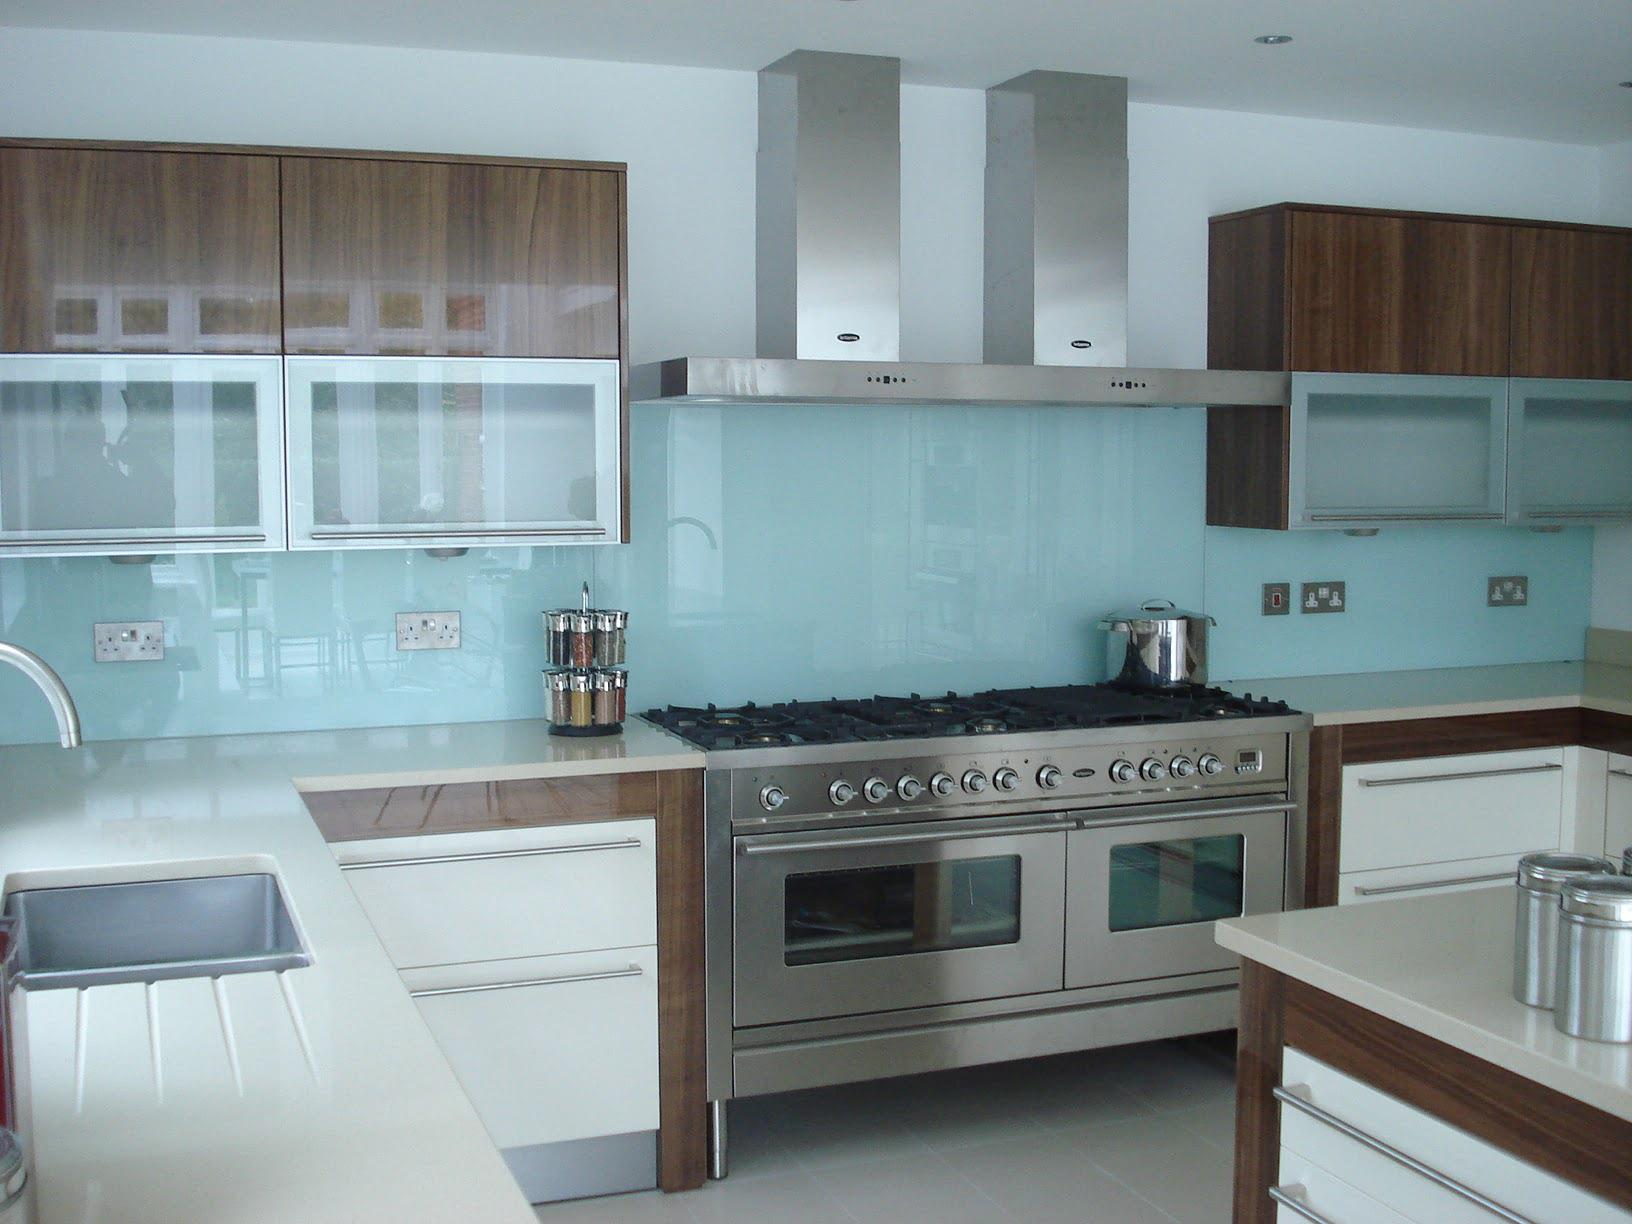 cr dence cuisine en verre design. Black Bedroom Furniture Sets. Home Design Ideas